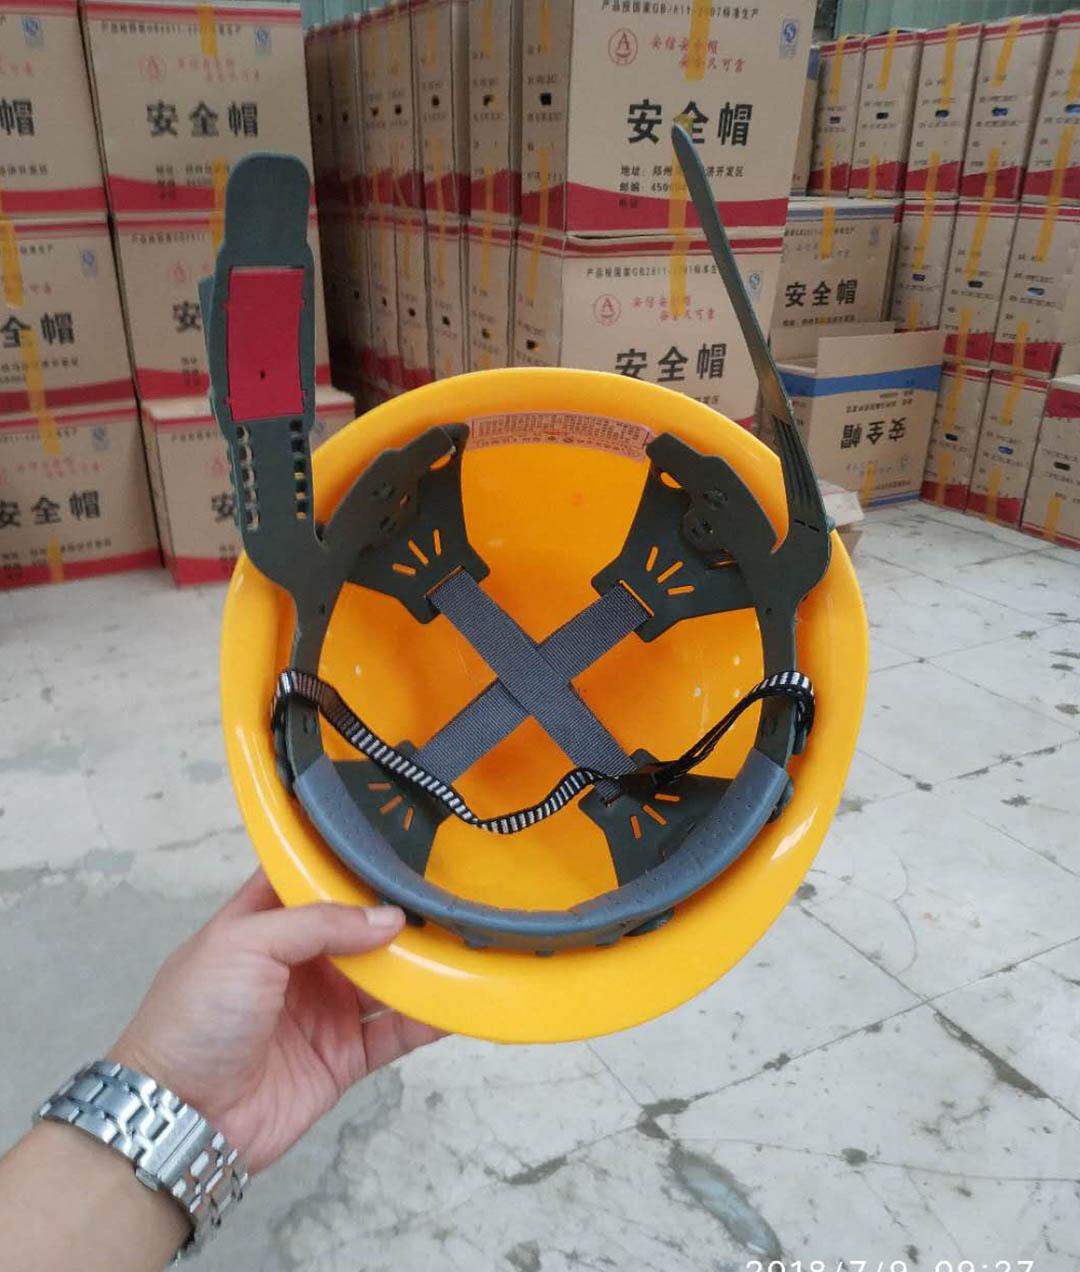 郑州汗昶环保设备专业供应安全帽,许昌安全帽厂家